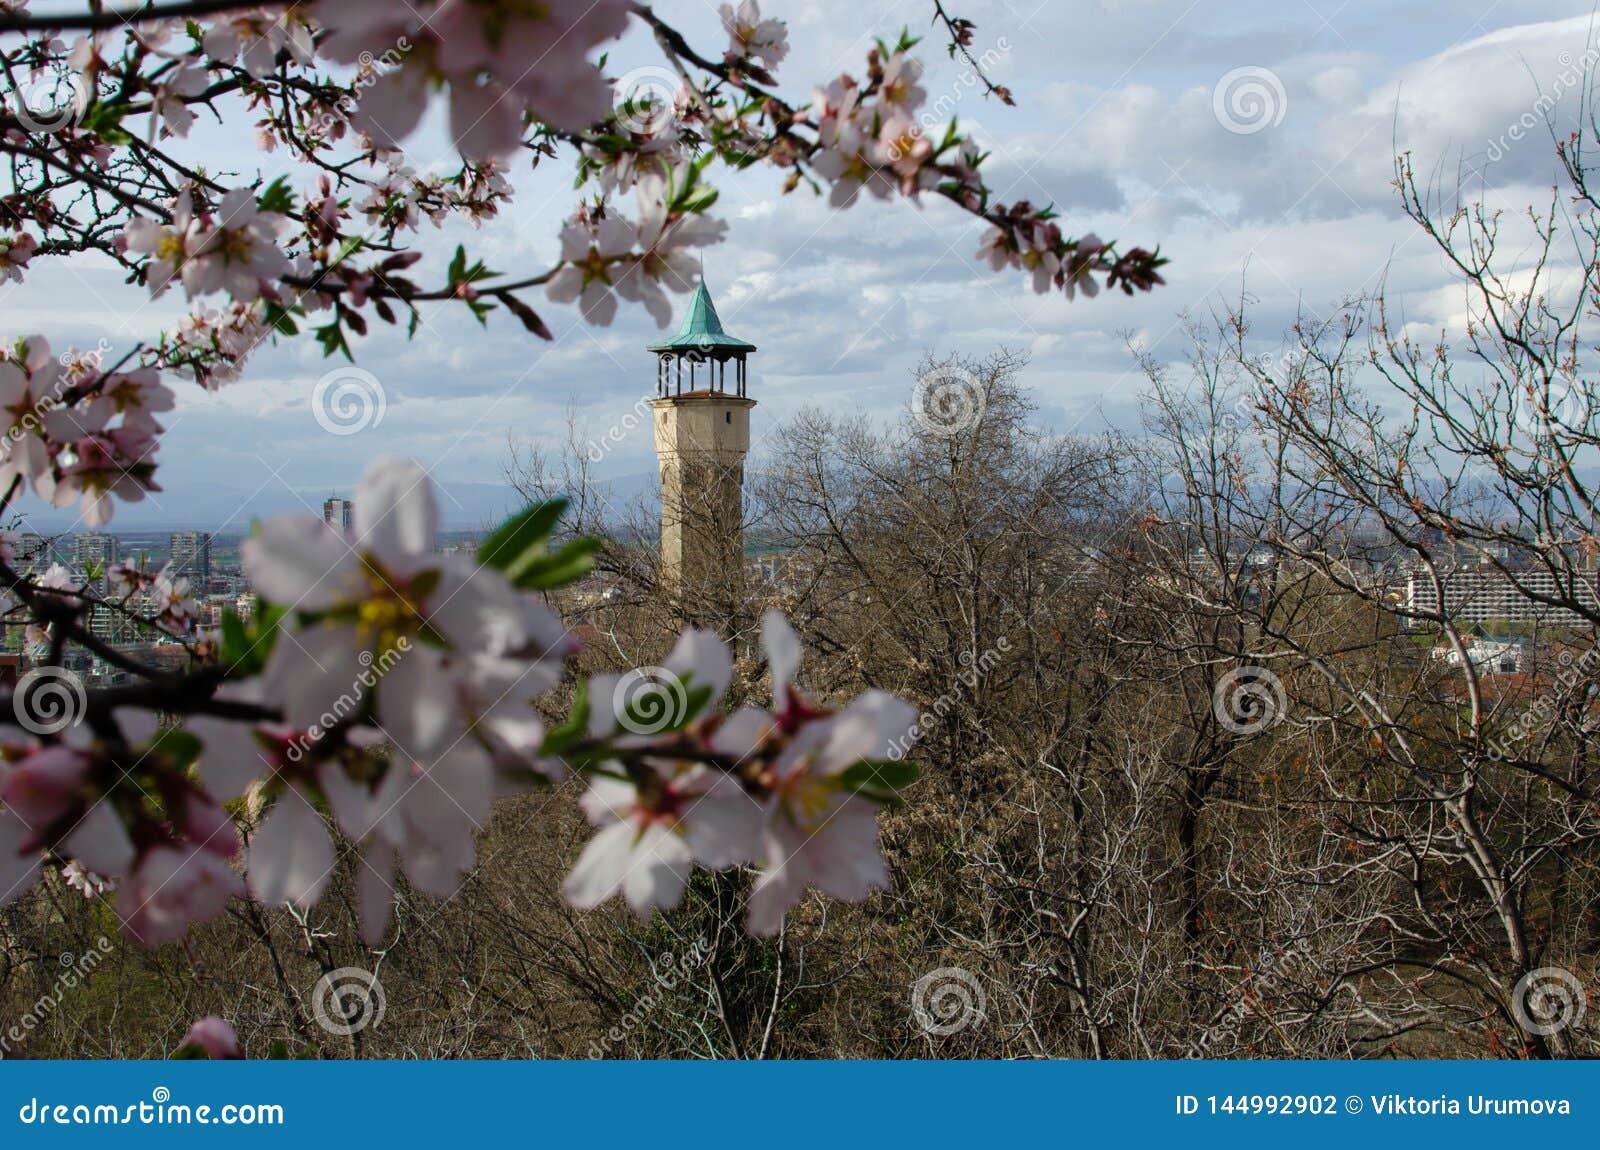 Edificio medieval de la torre de reloj en la ciudad de Plovdiv, Bulgaria